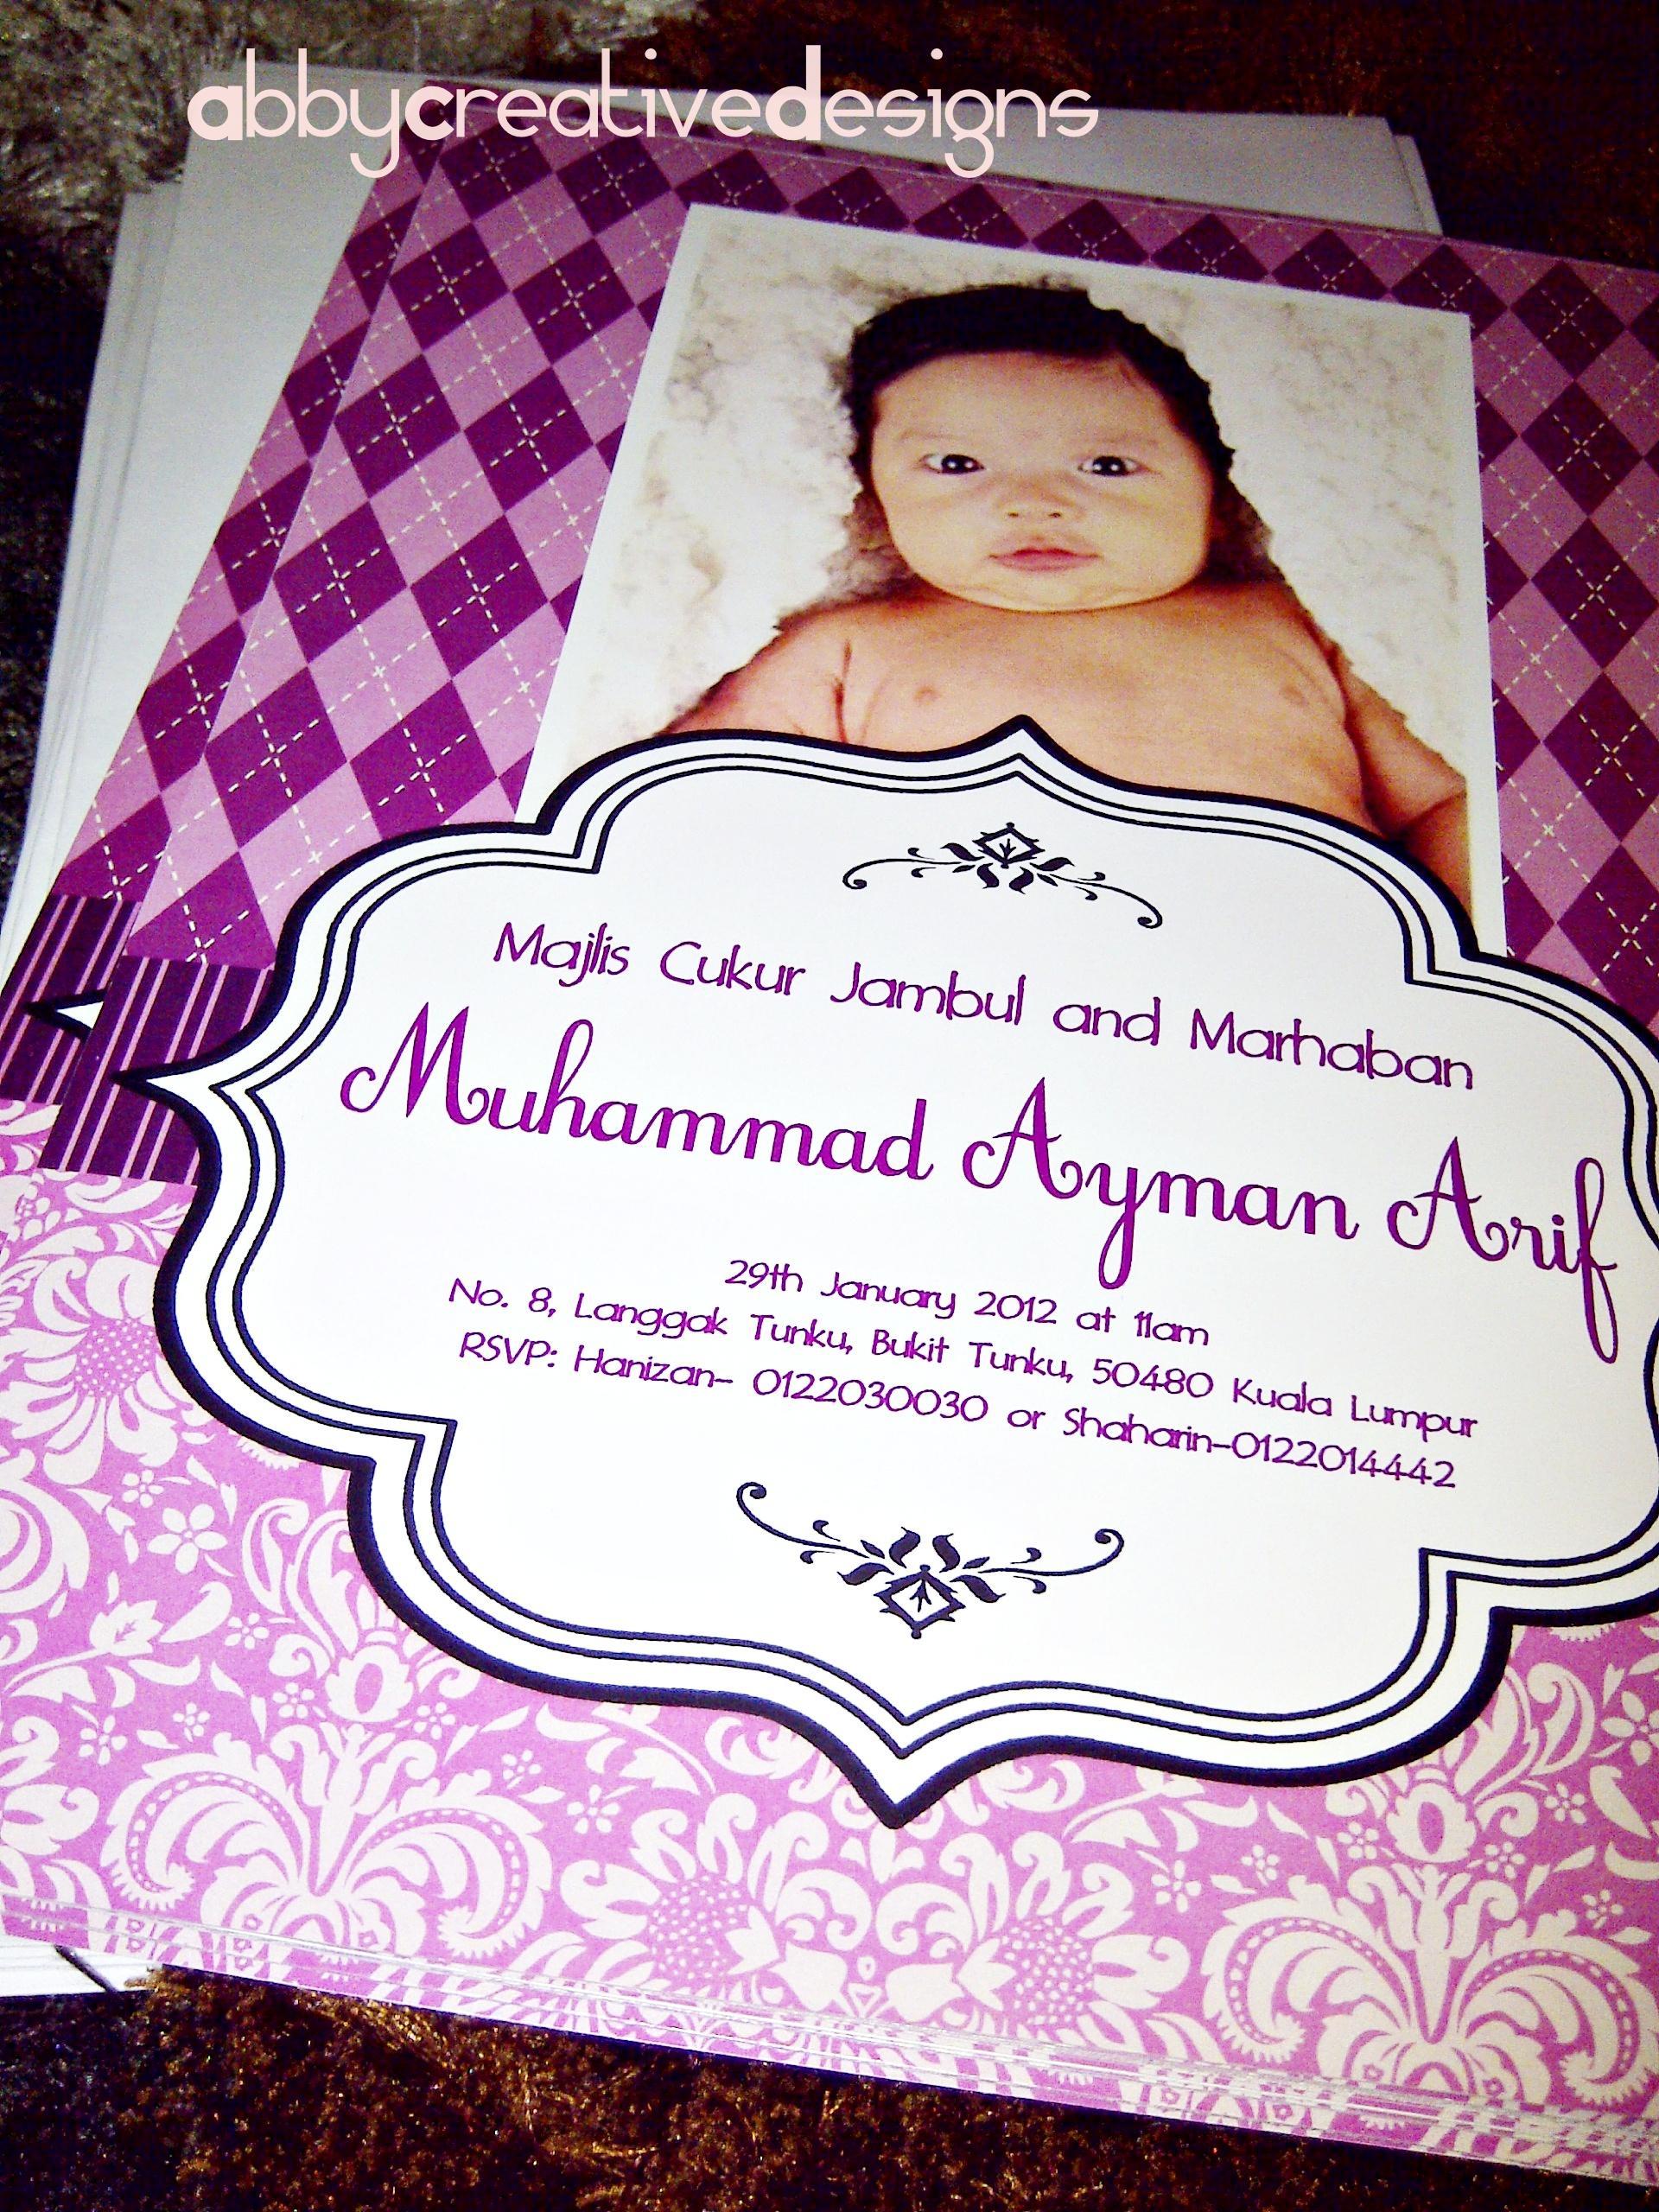 Invitation Card Majlis Aqiqah Marhaban Its More Than